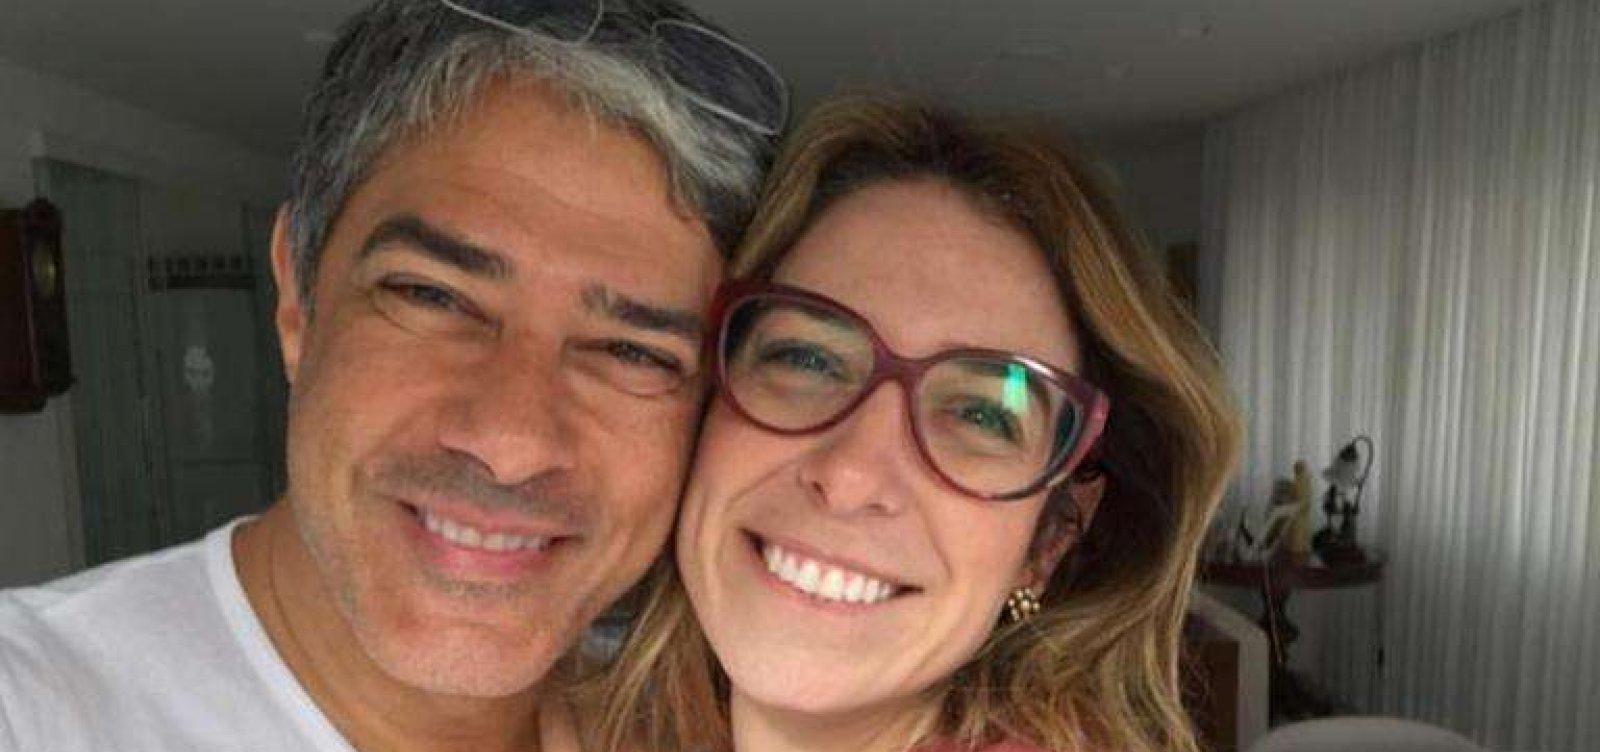 Mulher de William Bonner celebra um mês de casados: 'Primeiro de muitos'